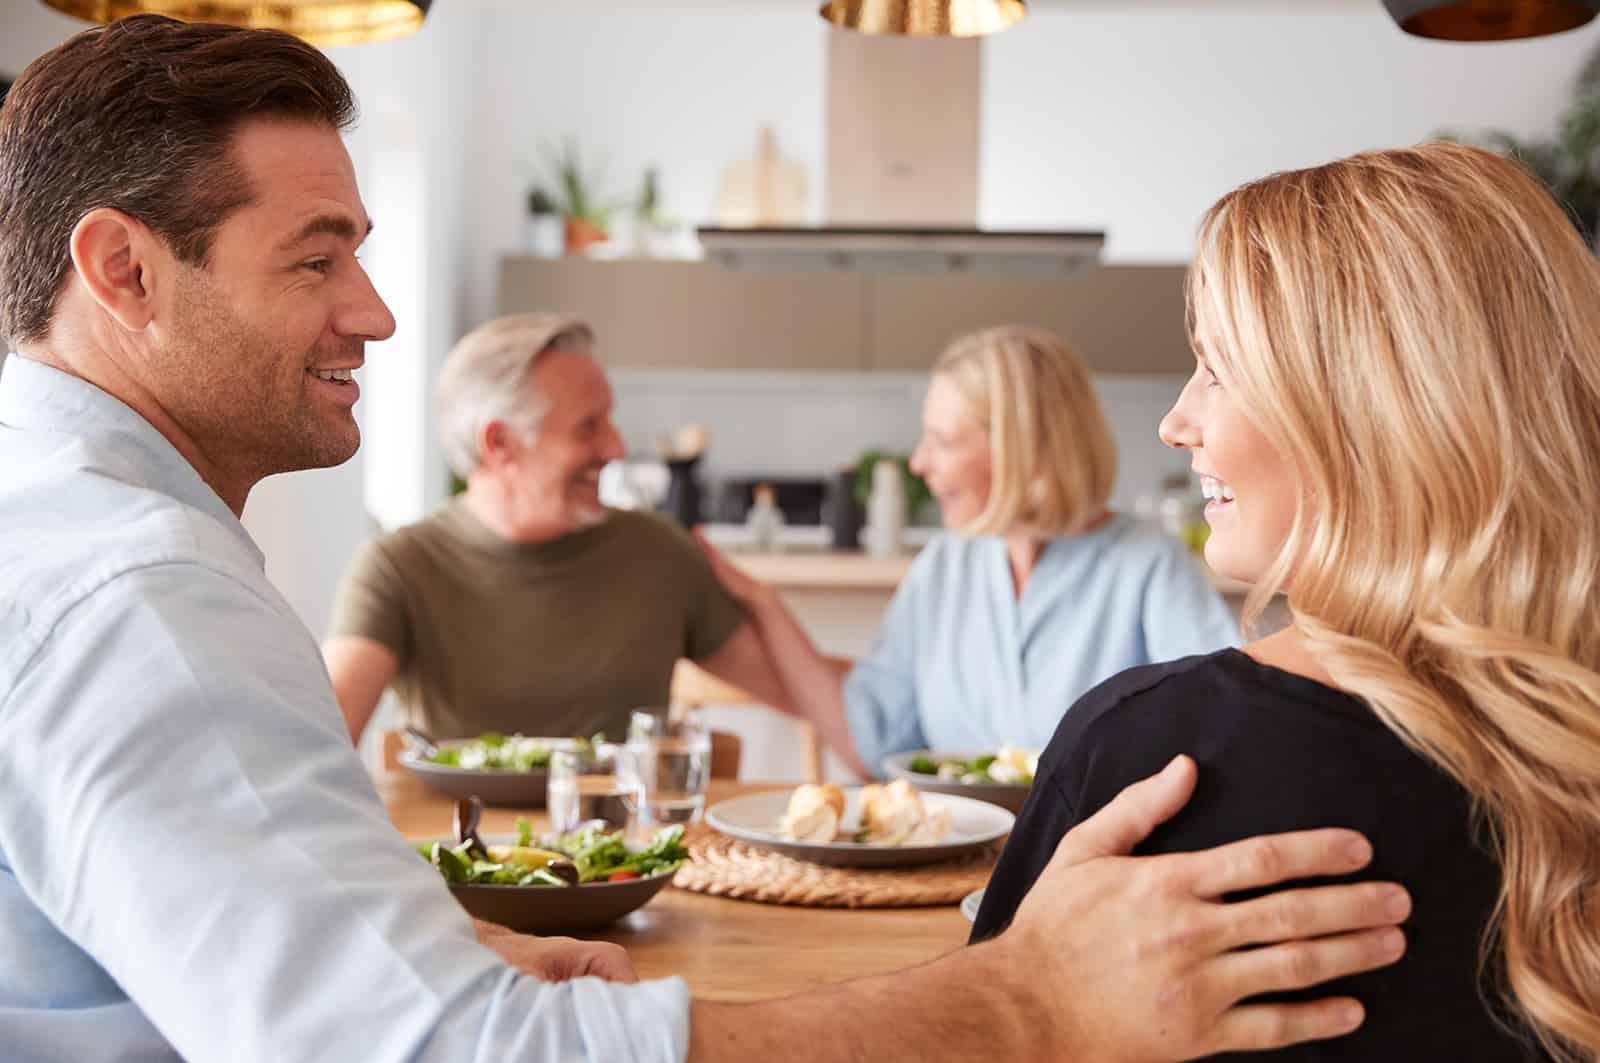 Ein Mann, der seinen Eltern während eines Mittagessens eine Freundin vorstellt